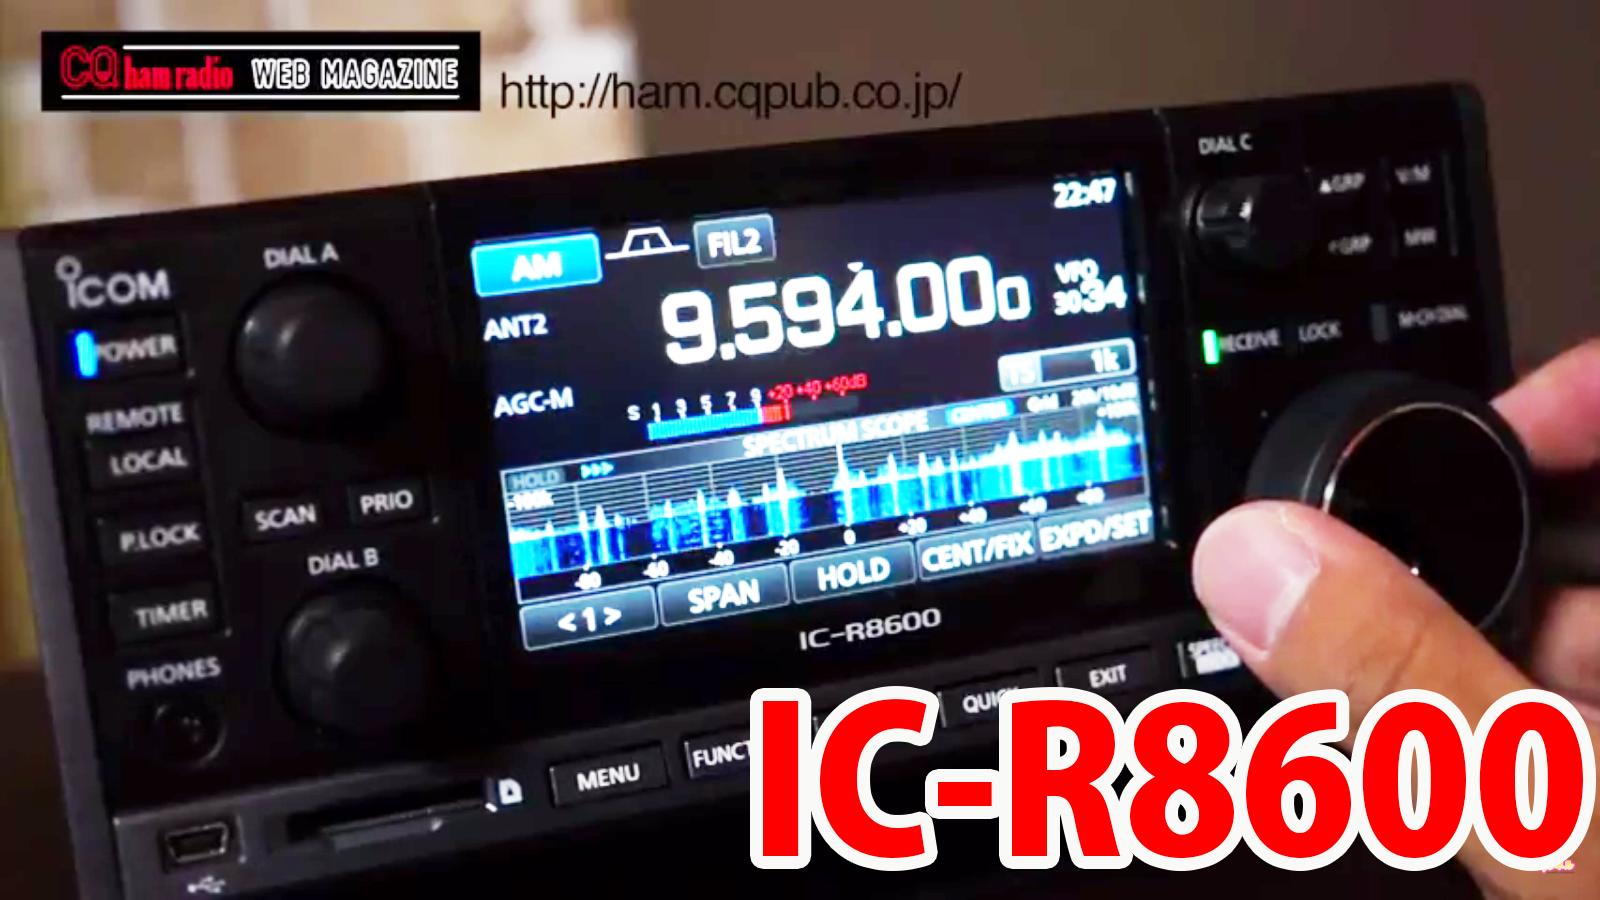 高音質でデジタルモード対応の受信機 ICOM IC-R8600 【FB HAM RADIO GEAR】